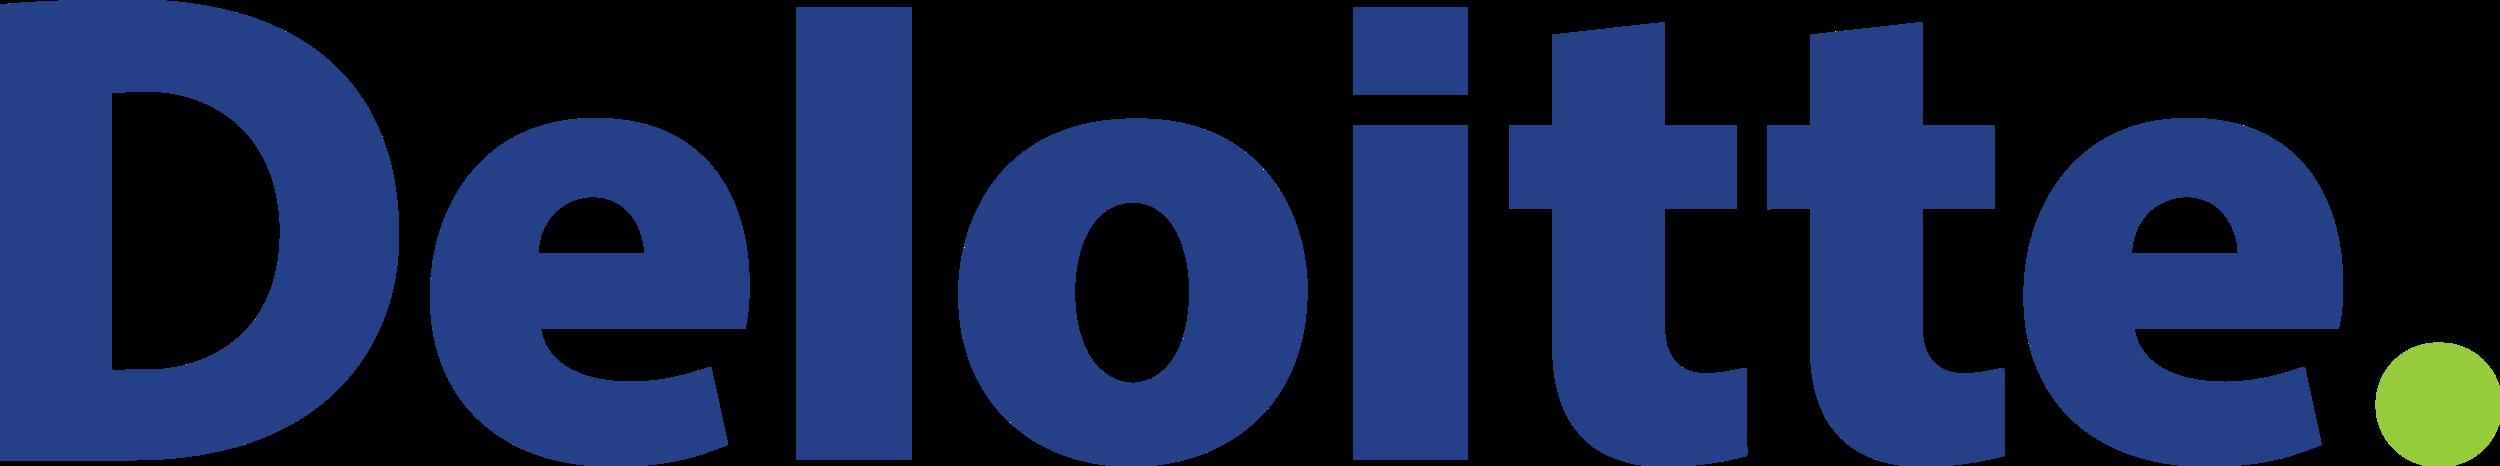 11_Deloitte_logo.png